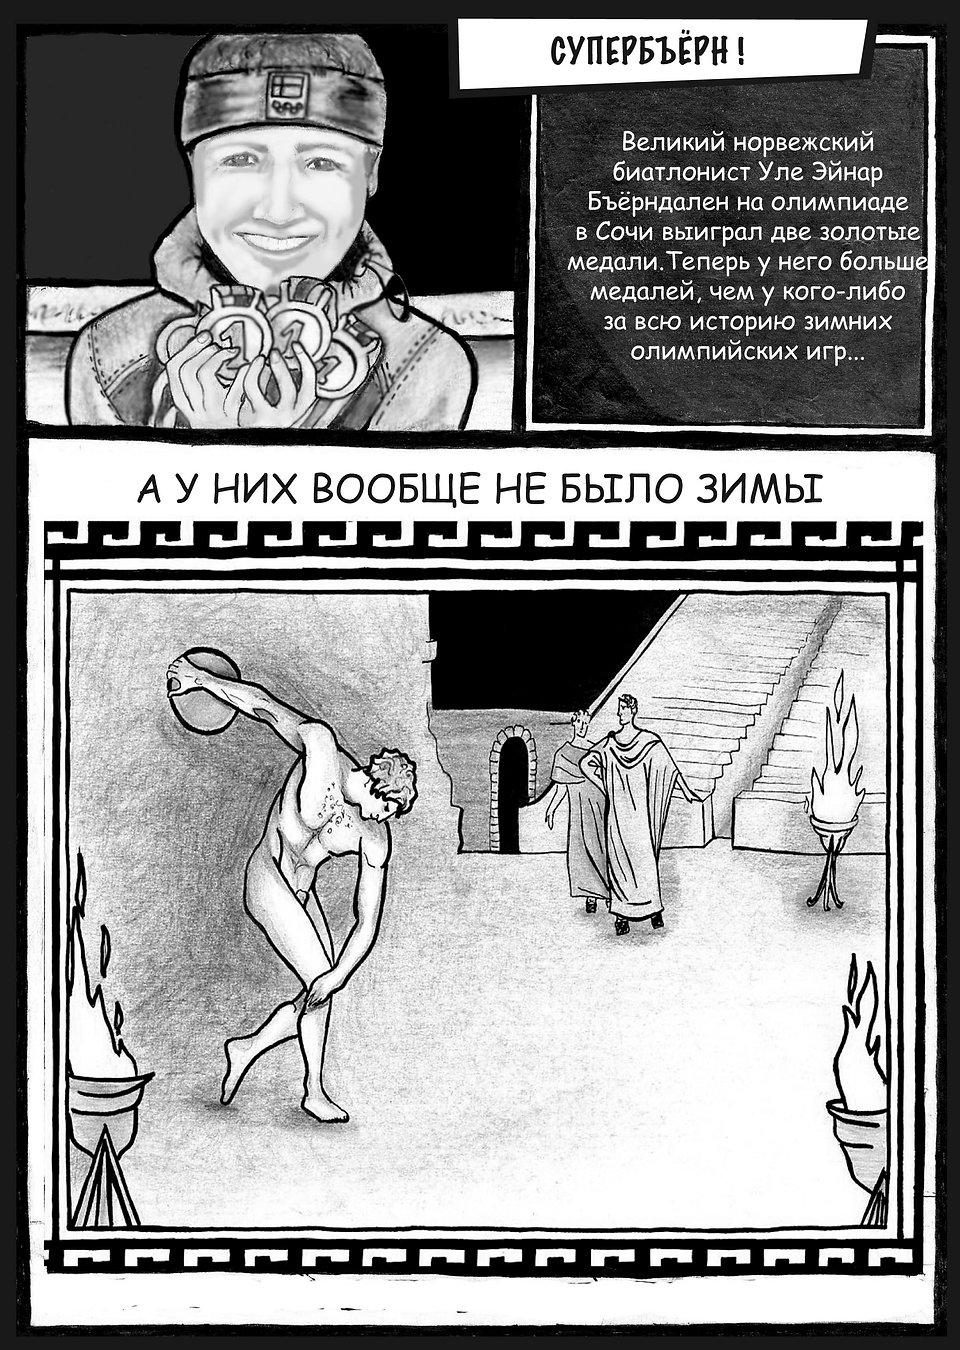 Авторский комикс про биатлониста Бъёрндаллена Уле Эйнара. Страница 2. Студия комиксов Vaes Okshn